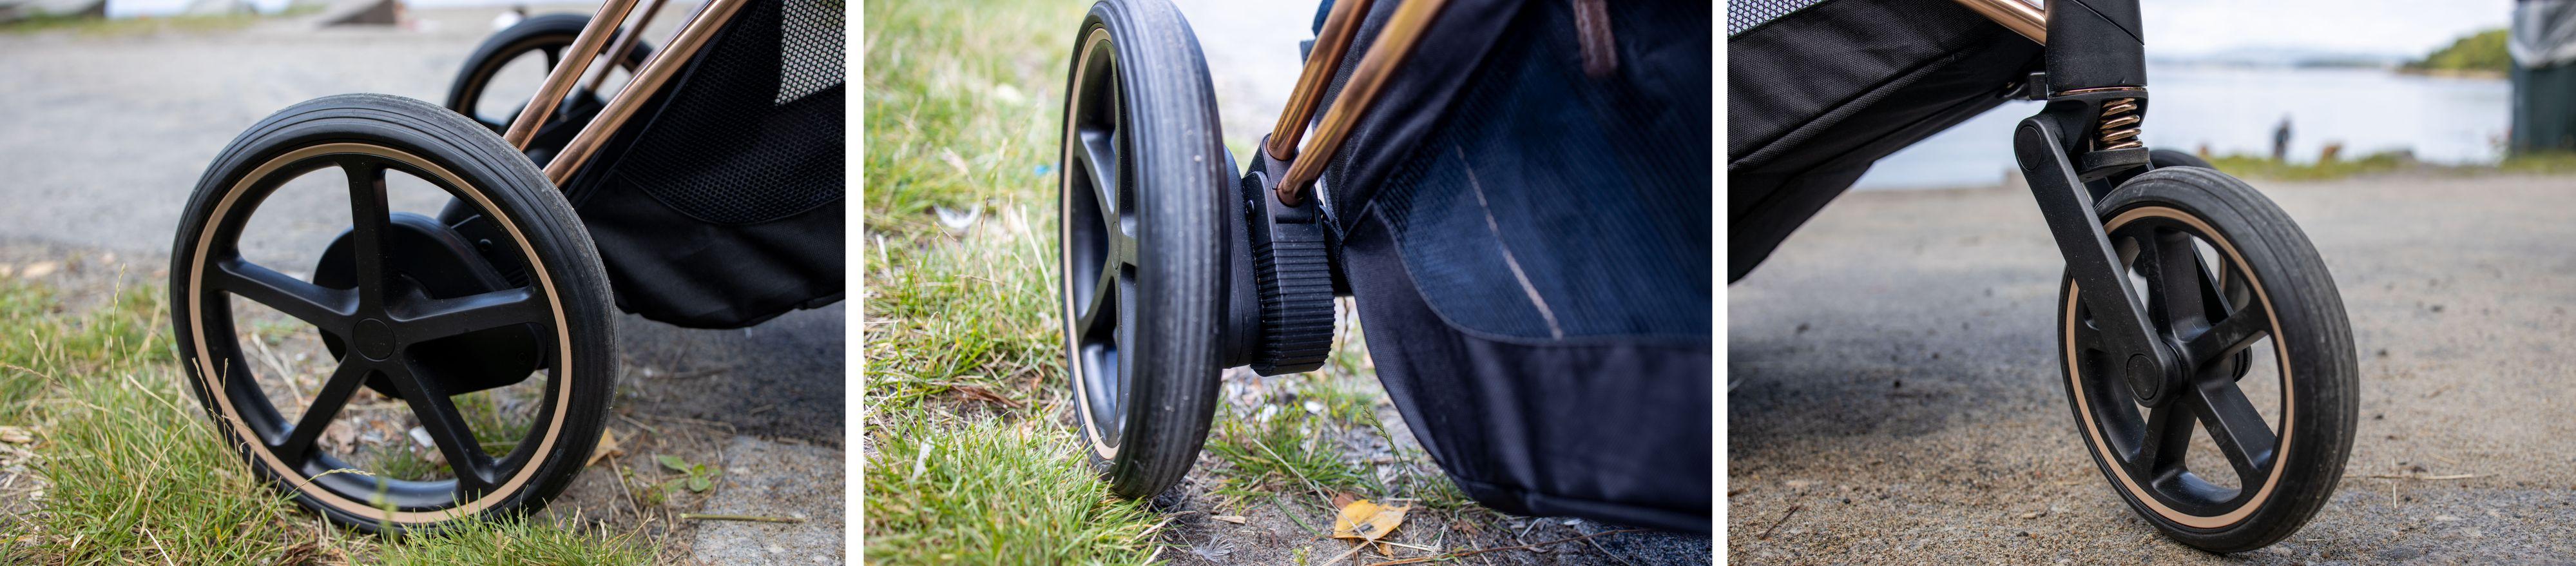 Alle fire hjul er støtdempet, og byr på en veldig myk og behagelig rulletur. Både for passasjer og dyttelakei.